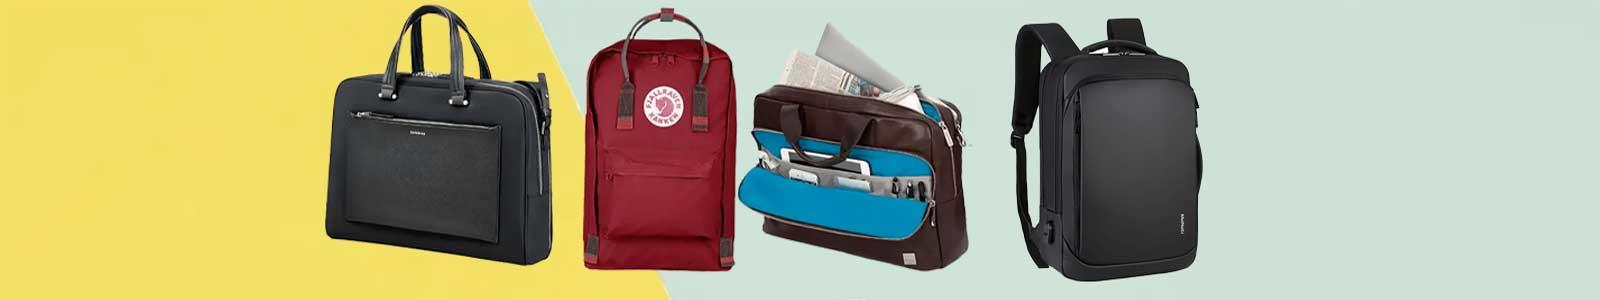 مشخصات و خرید کیف لپ تاپ